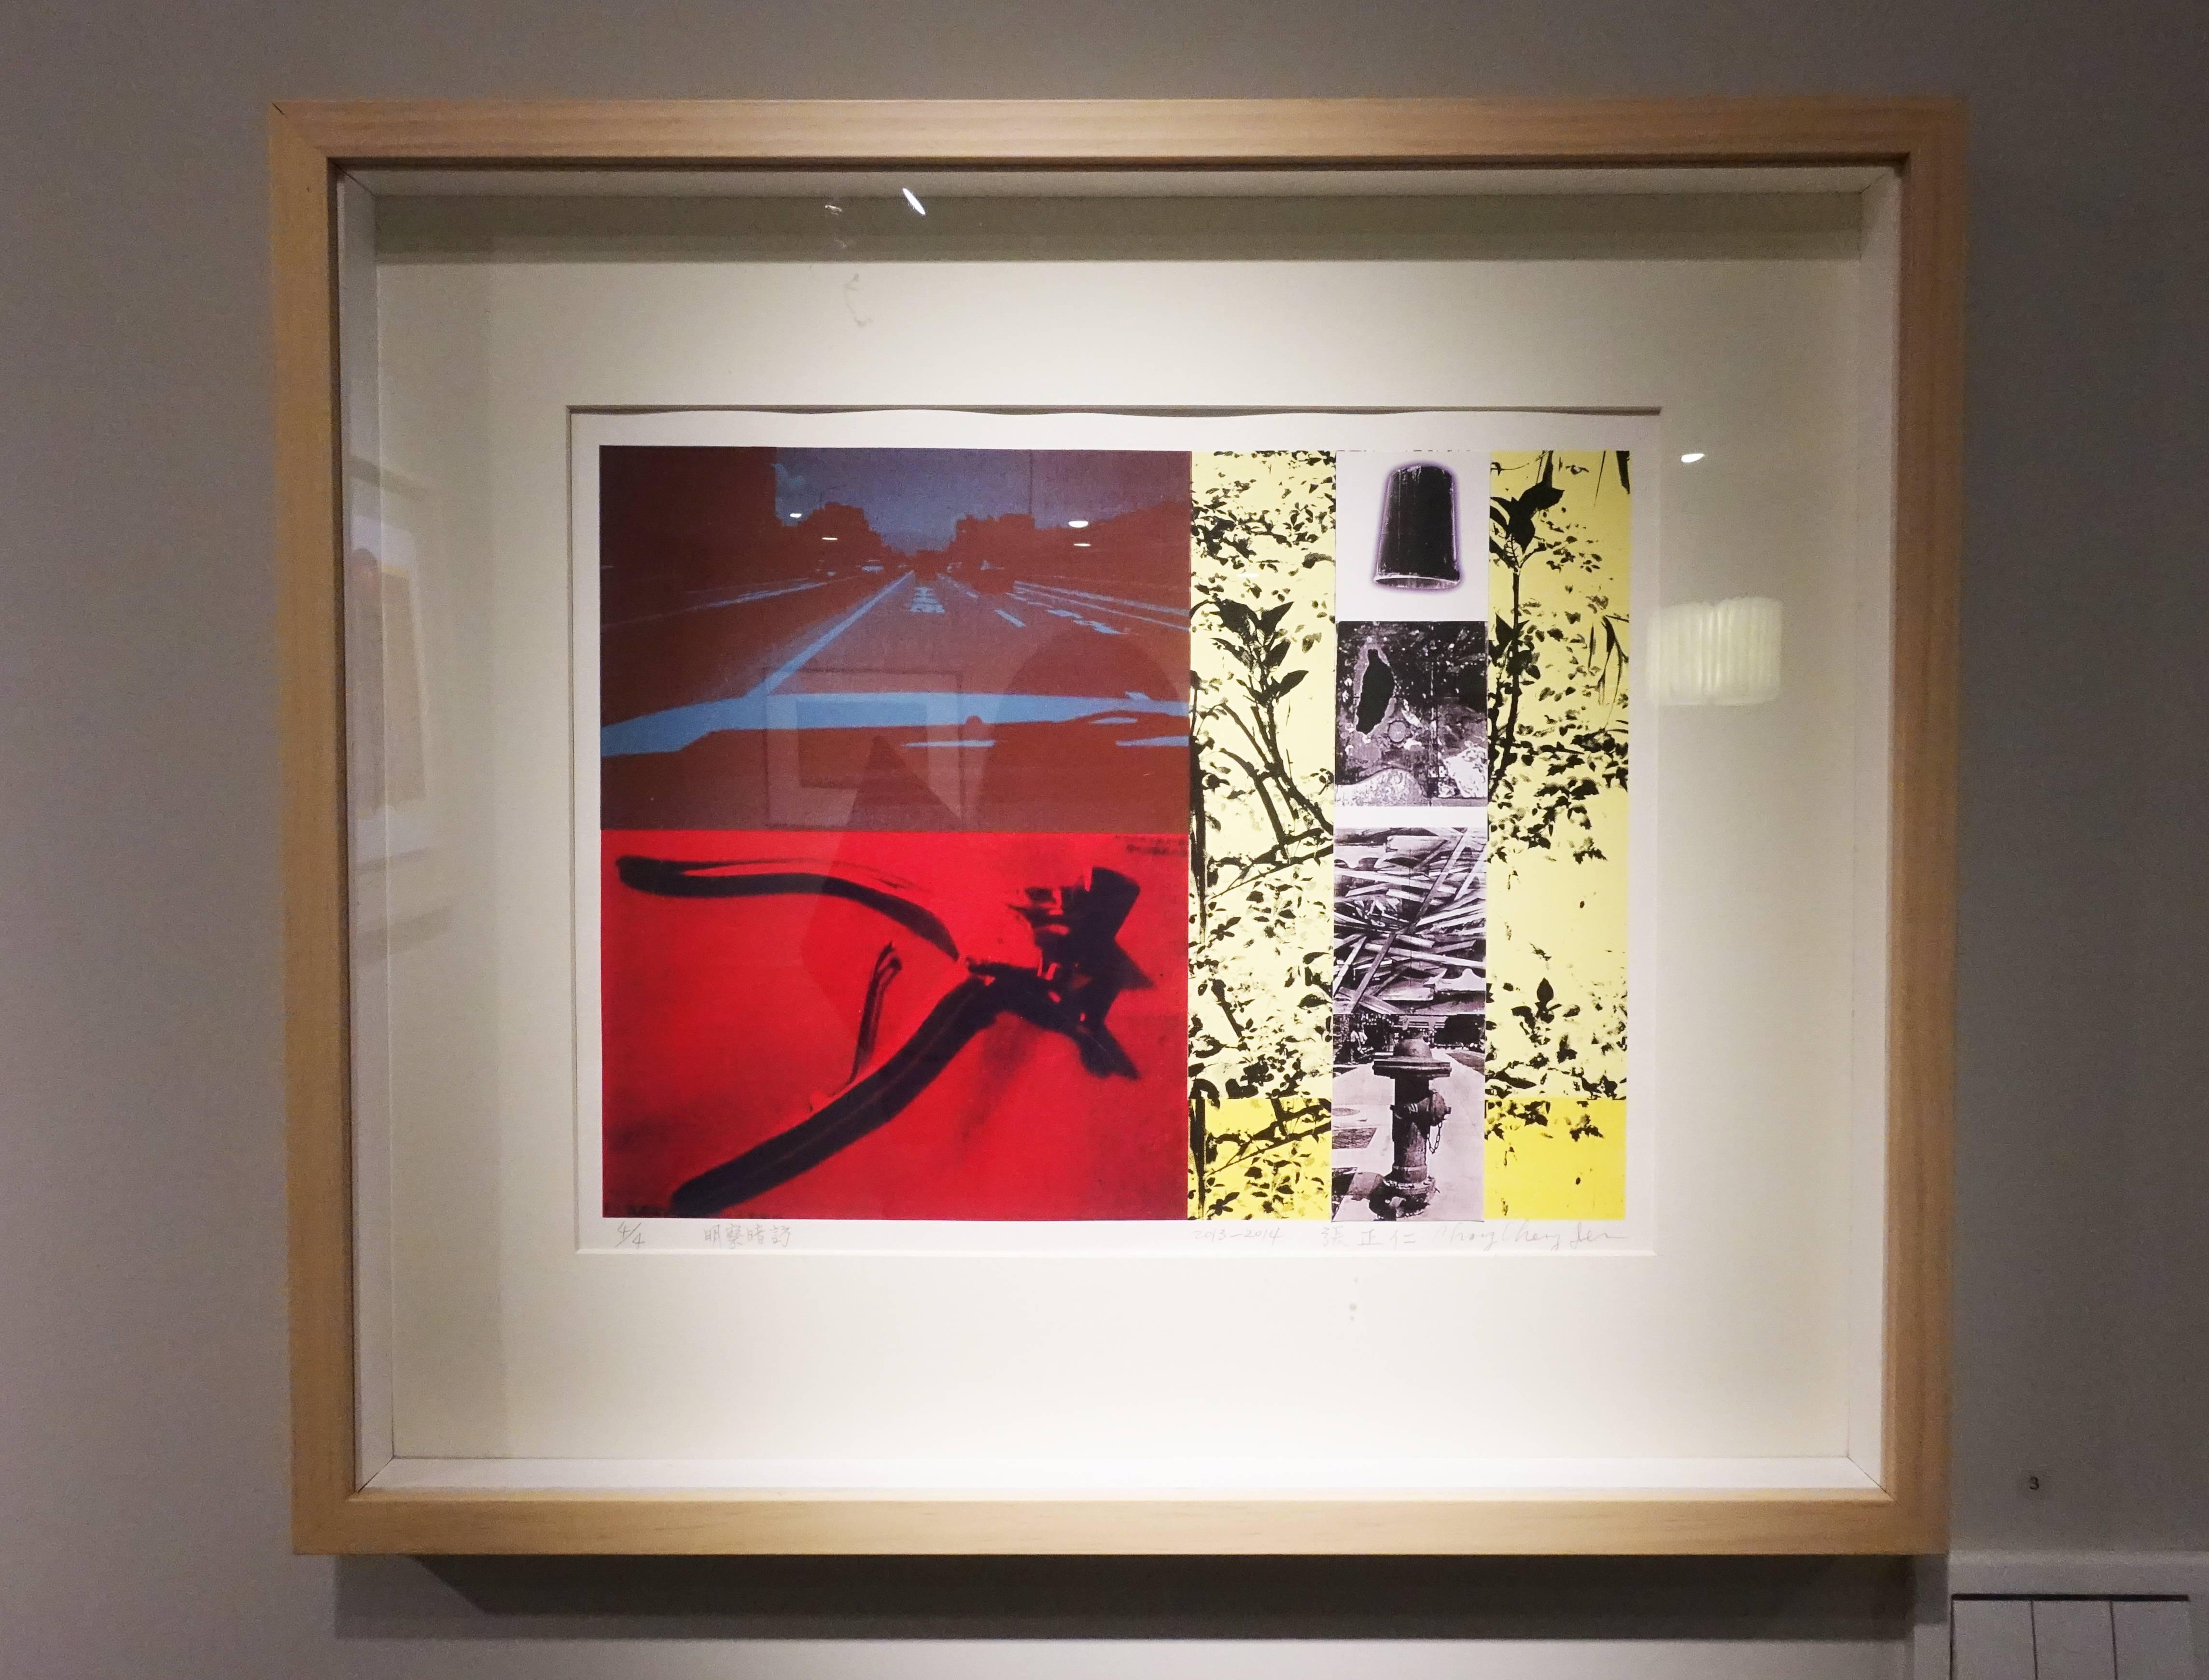 張正仁,《明察暗訪》,29 x 39 cm,4/4,絹印、拼貼,2013-2014。